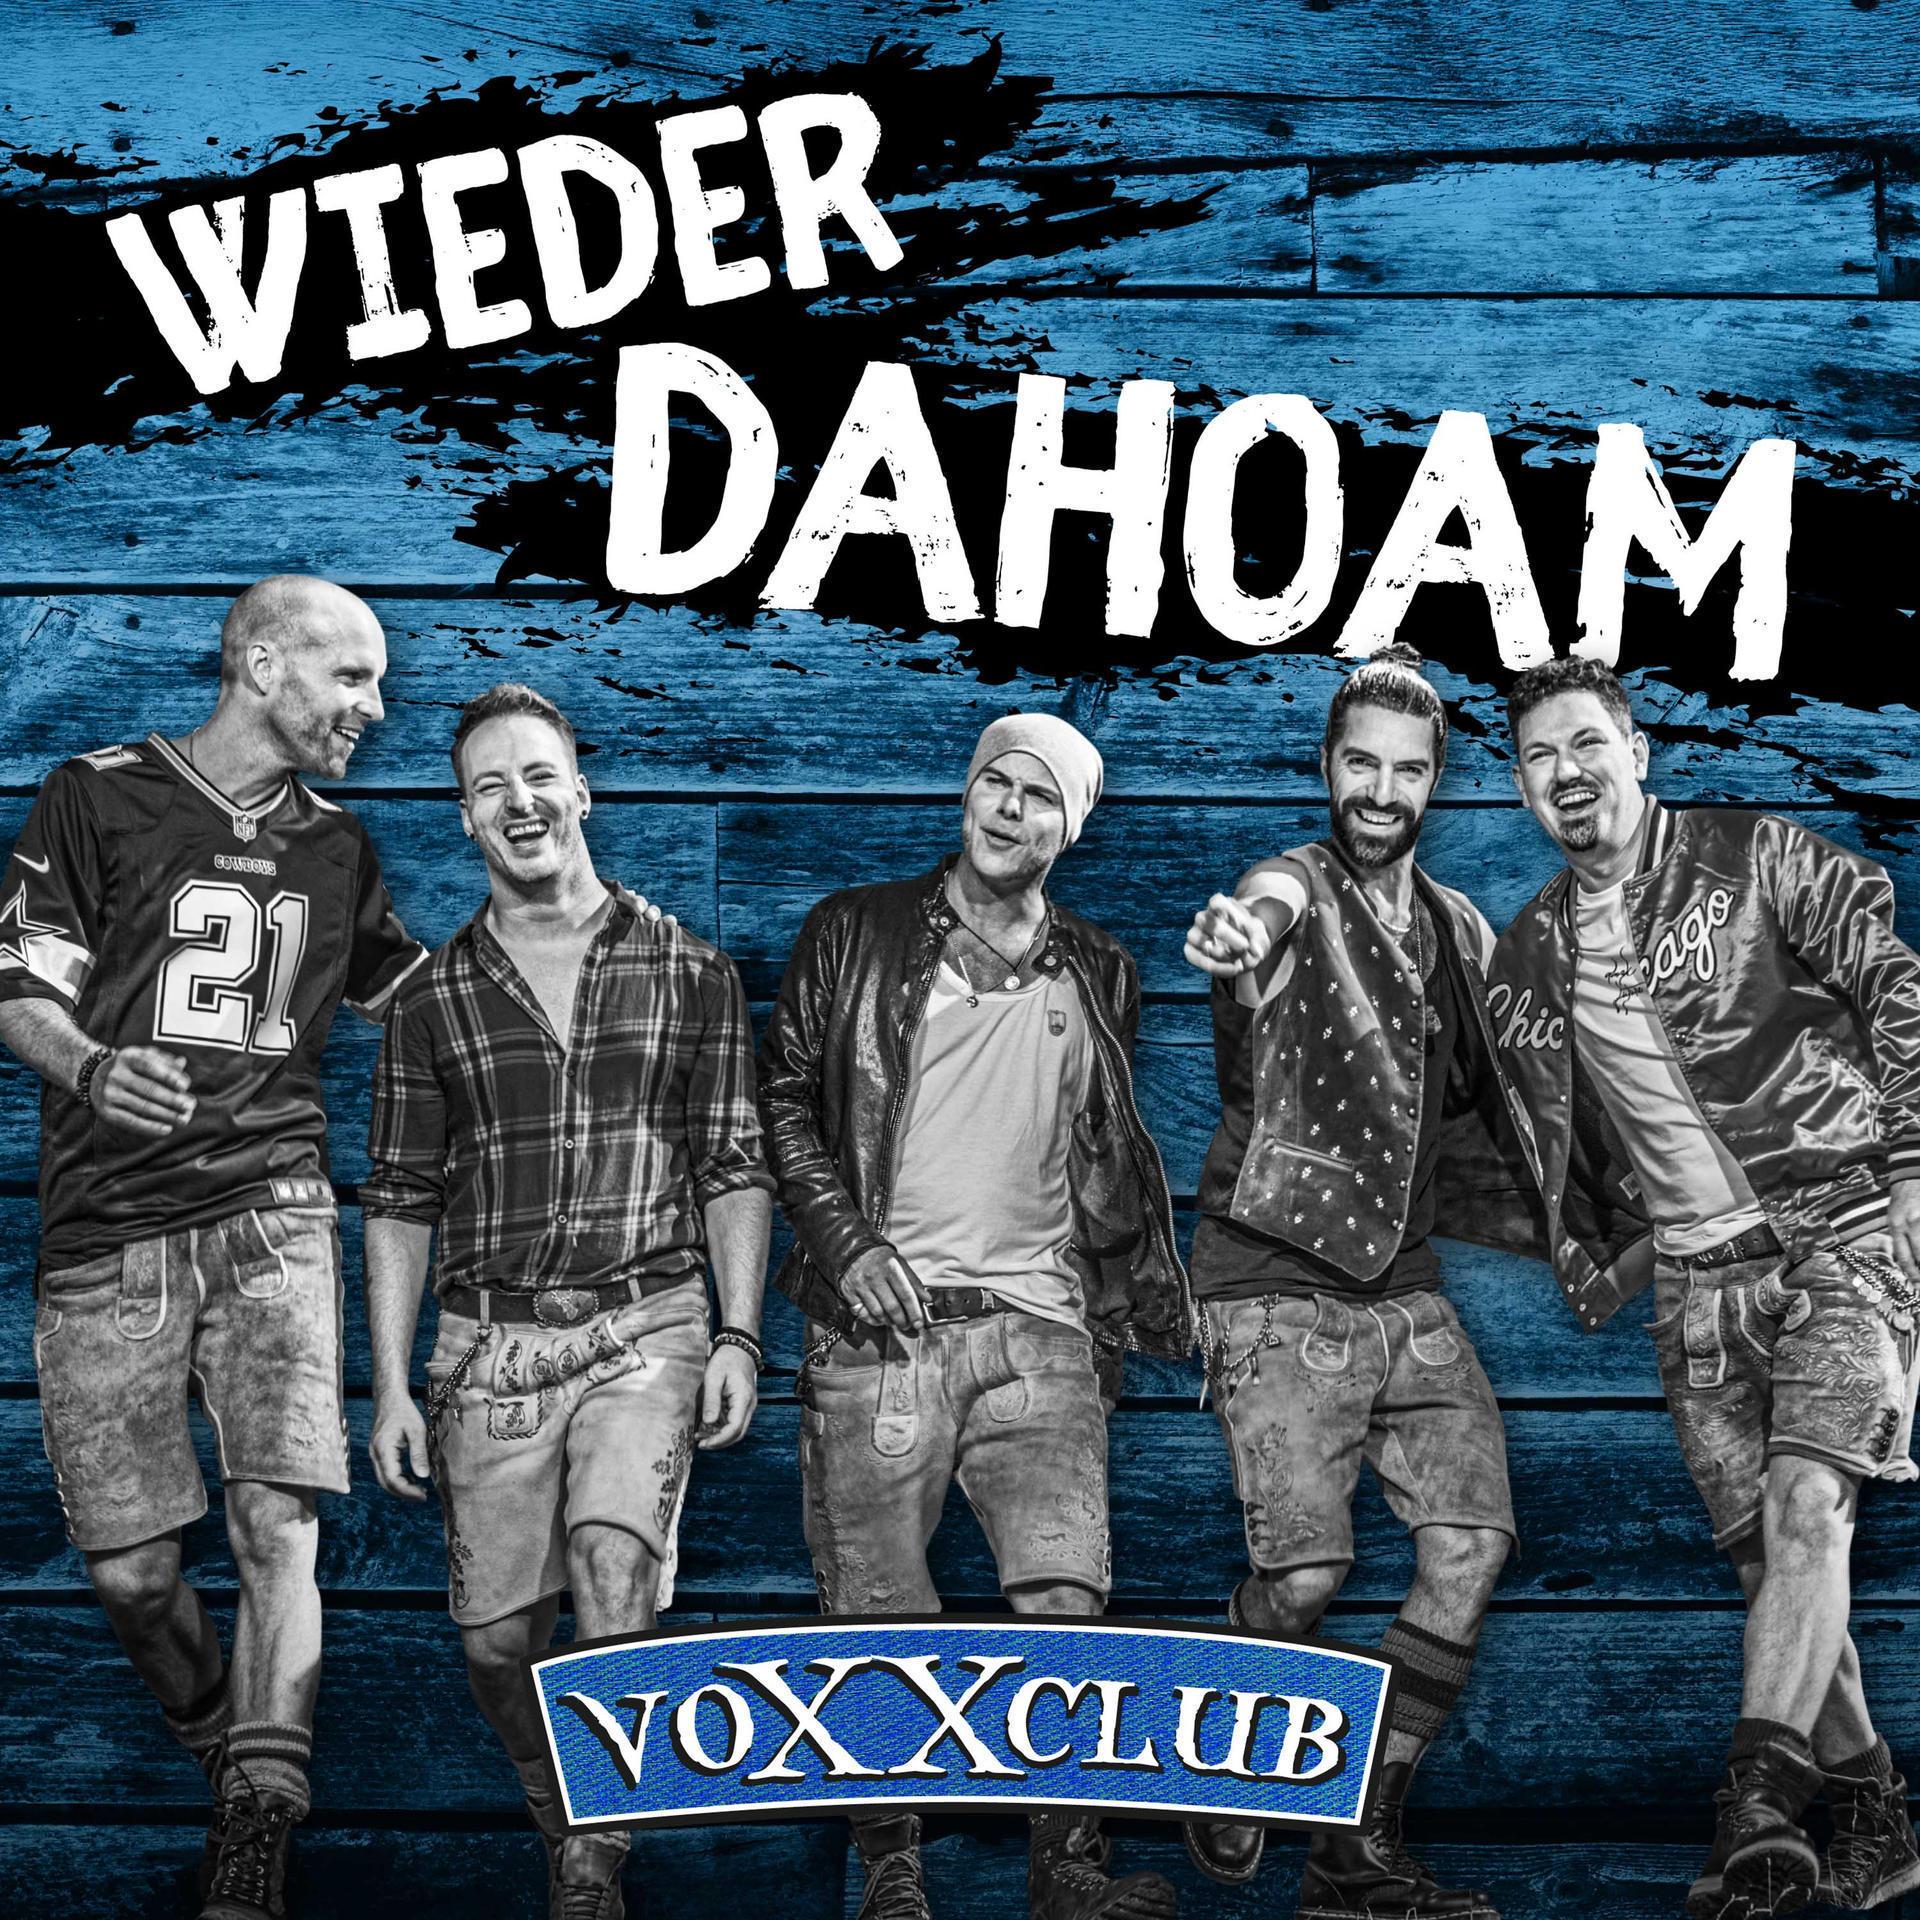 WIEDER DAHOAM (Voxxclub) für 16,99 Euro